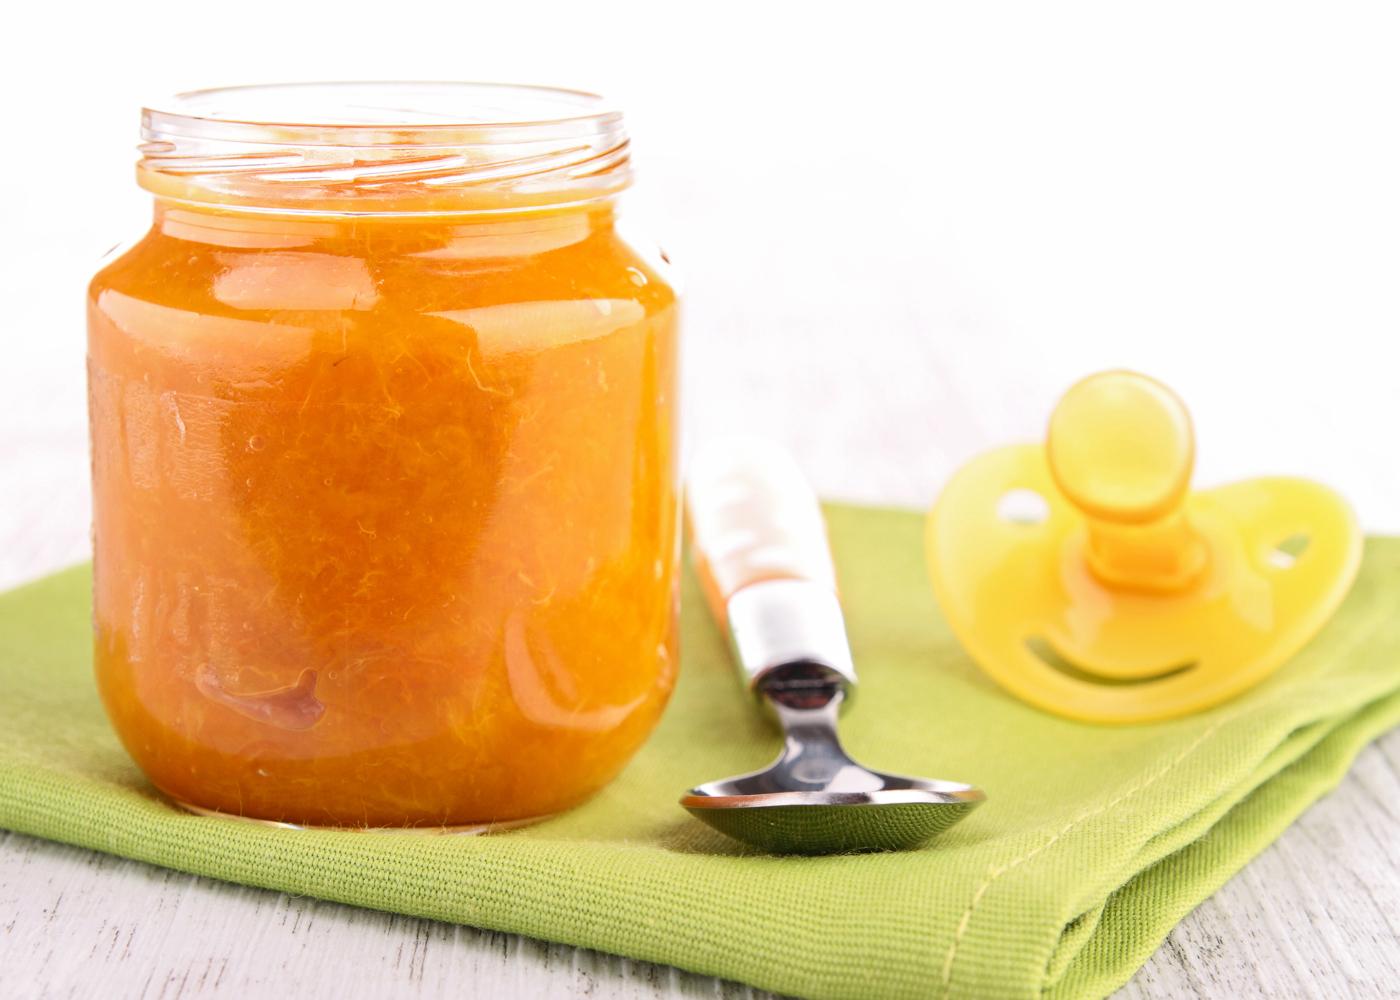 boião de puré de fruta